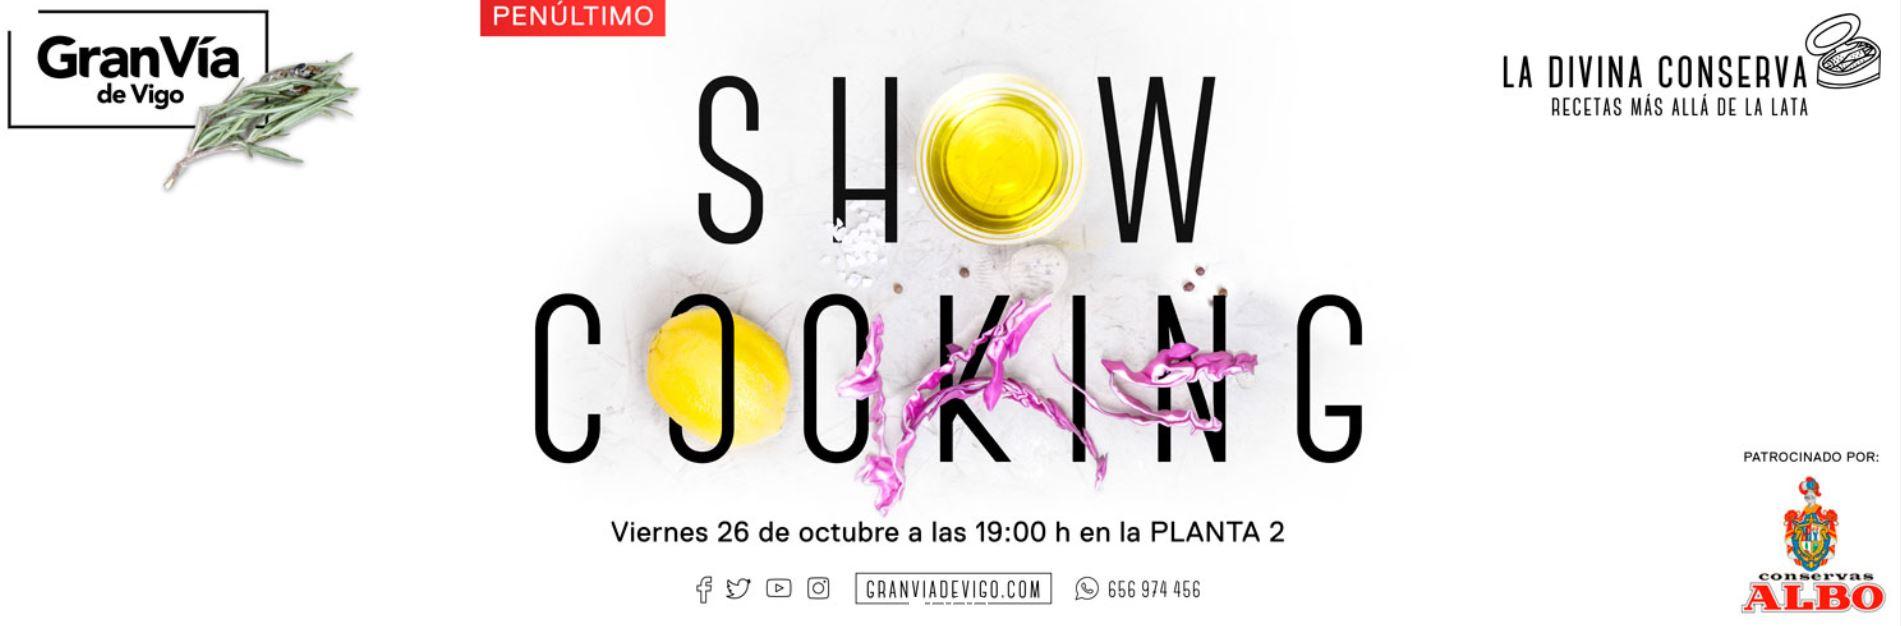 """Penúltimo """"SHOWCOOKING"""" del año en el Centro Comercial Gran Vía de Vigo"""